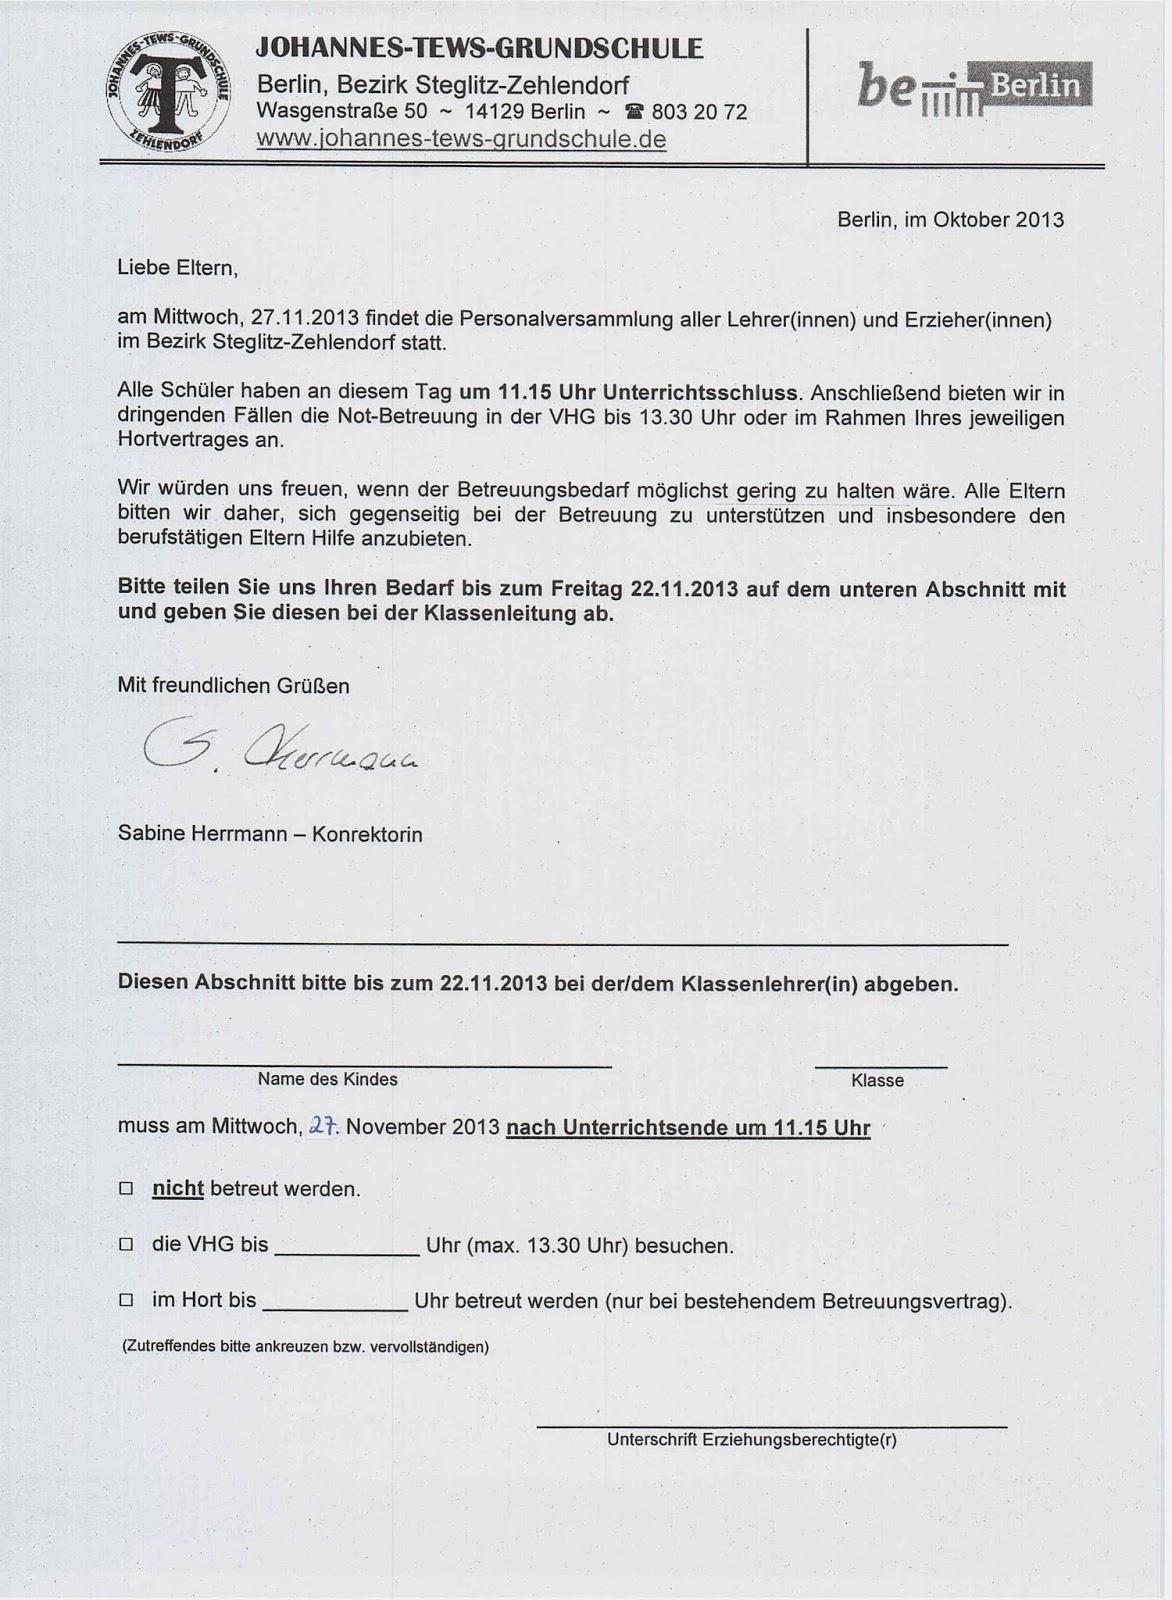 Gemütlich Anmeldevorlage Html Galerie - Beispielzusammenfassung ...